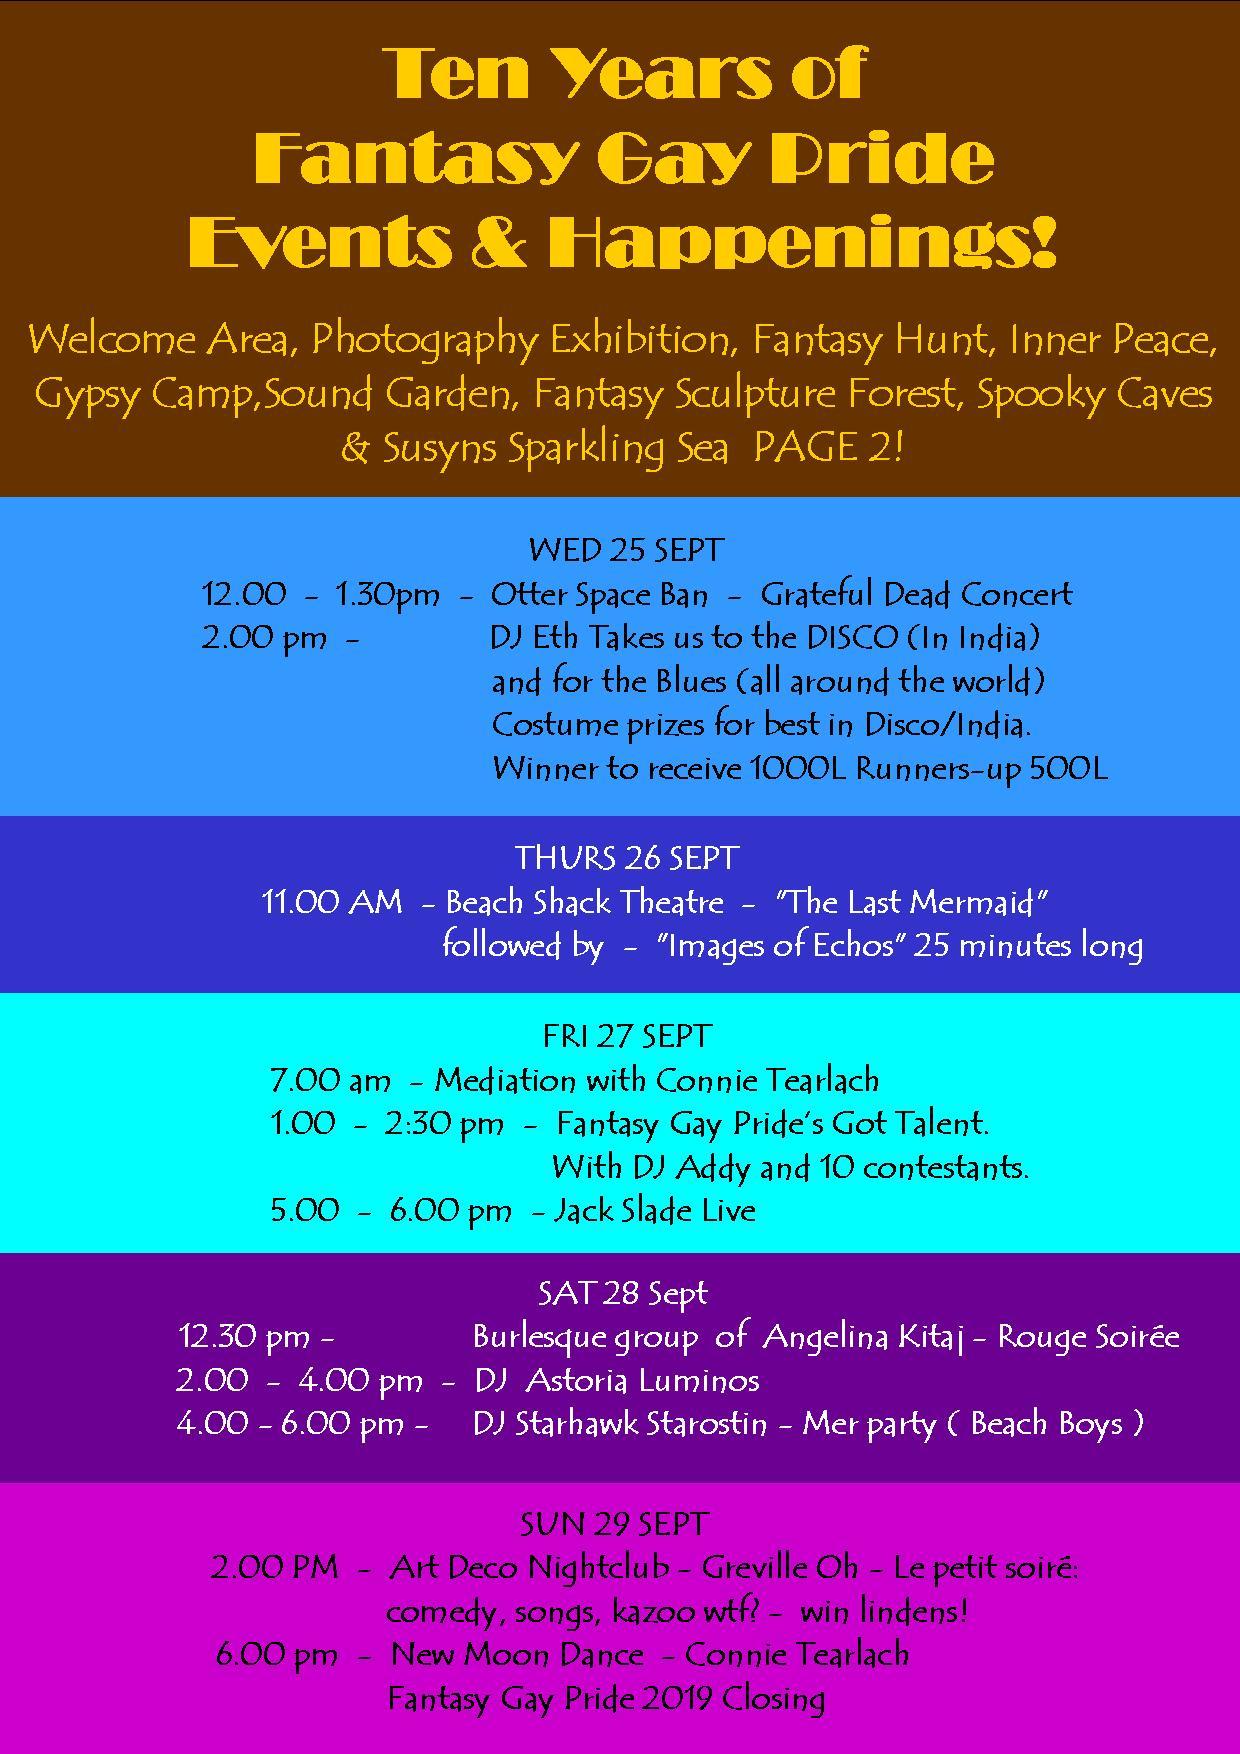 EVENTS & HAPPENINGS FANTASY GAY PRIDE 2019 2